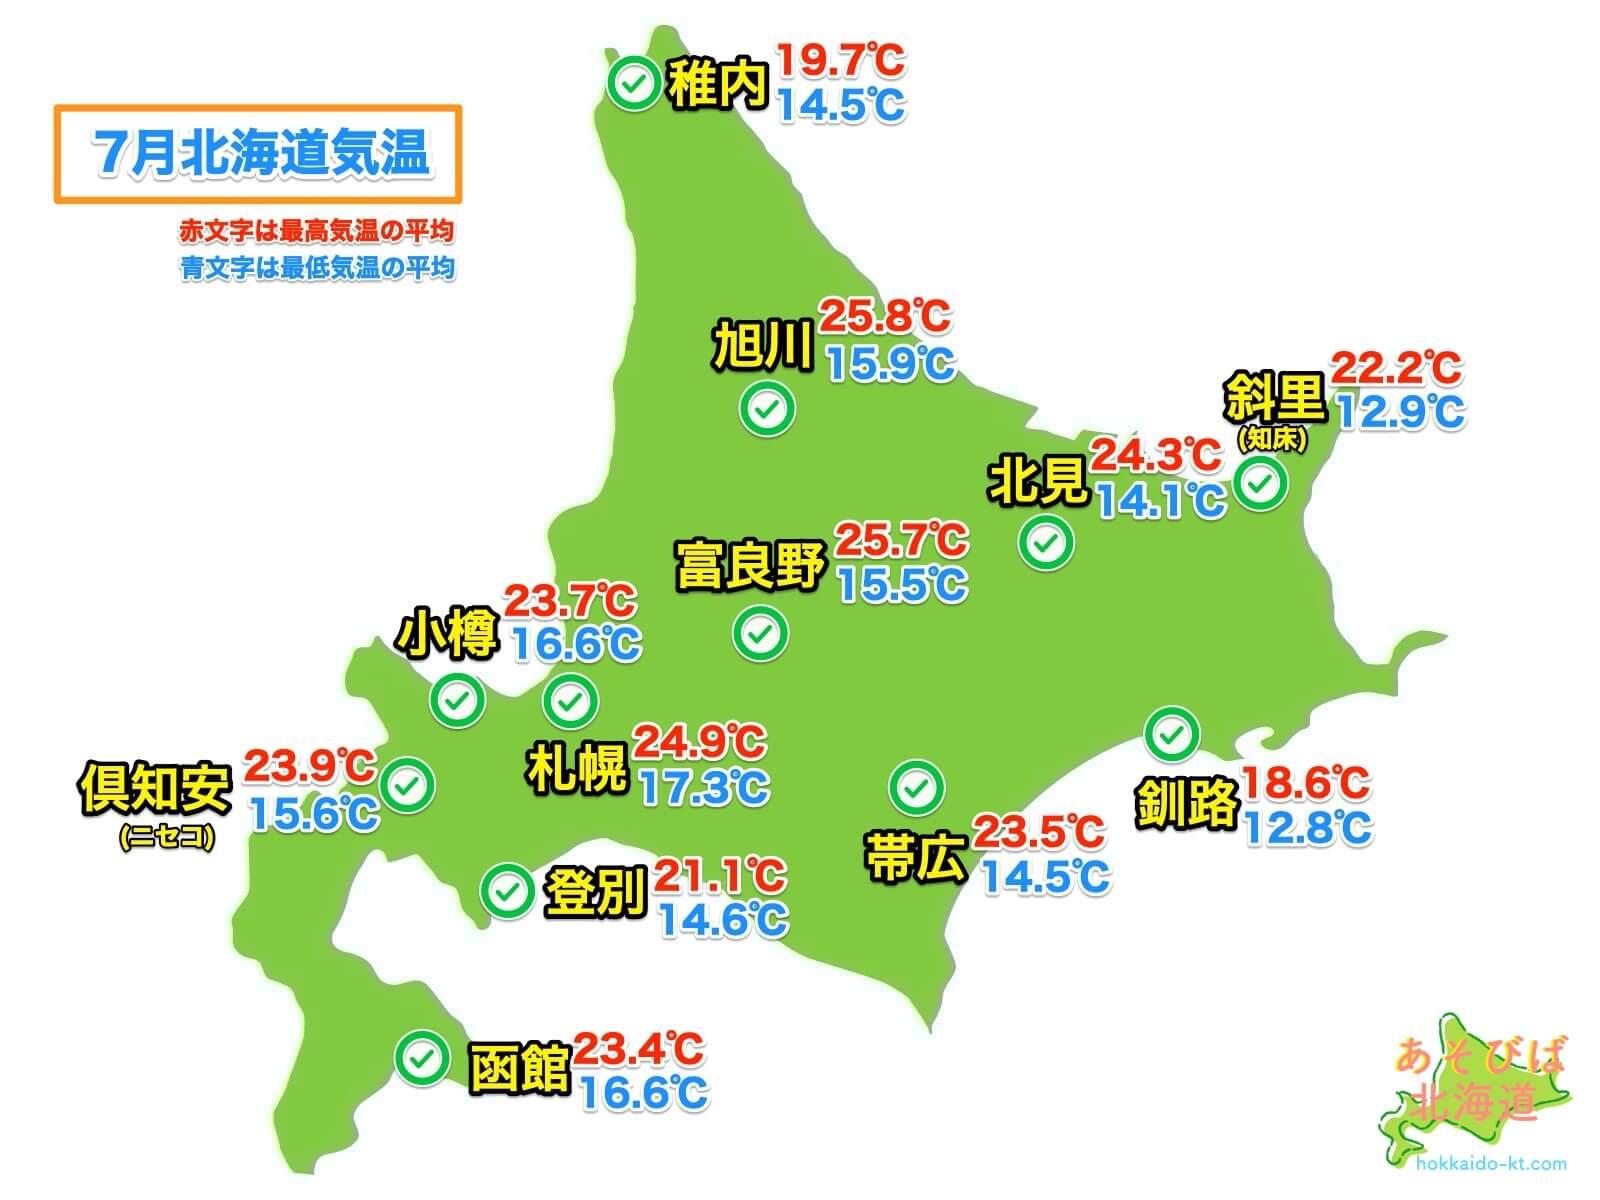 7月の北海道各地の気温